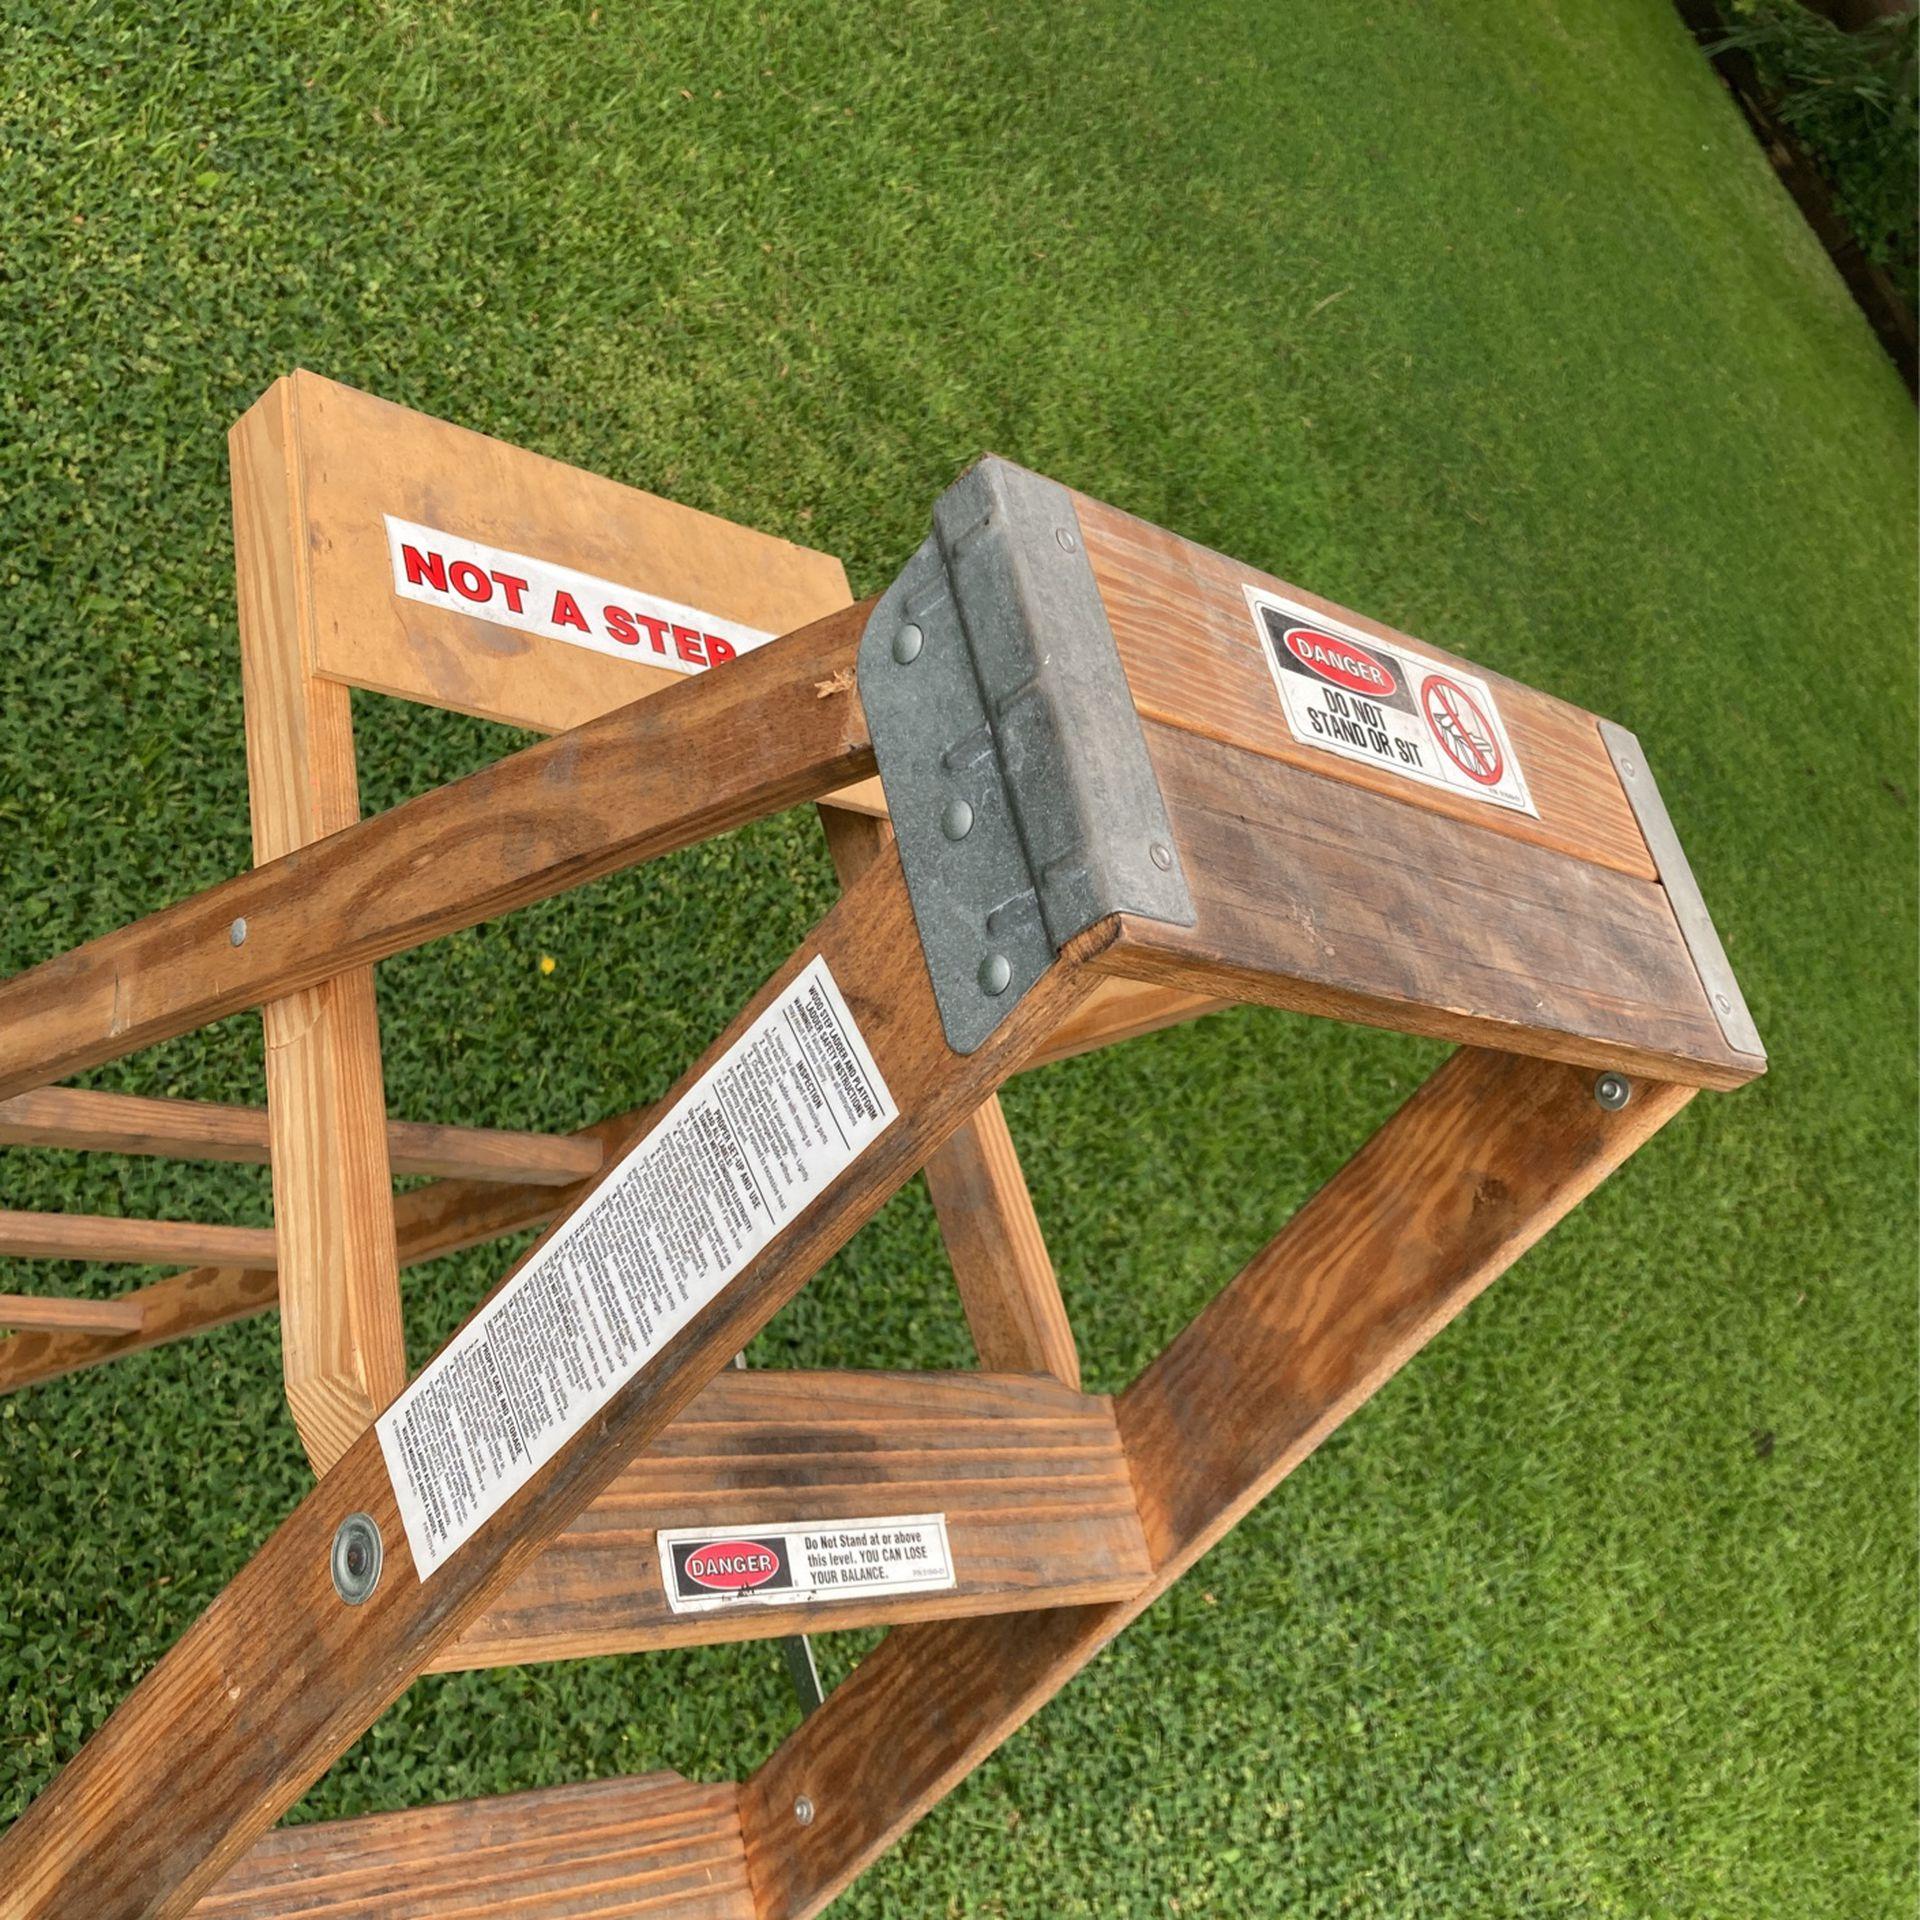 Werner 6 Foot Wood Ladder